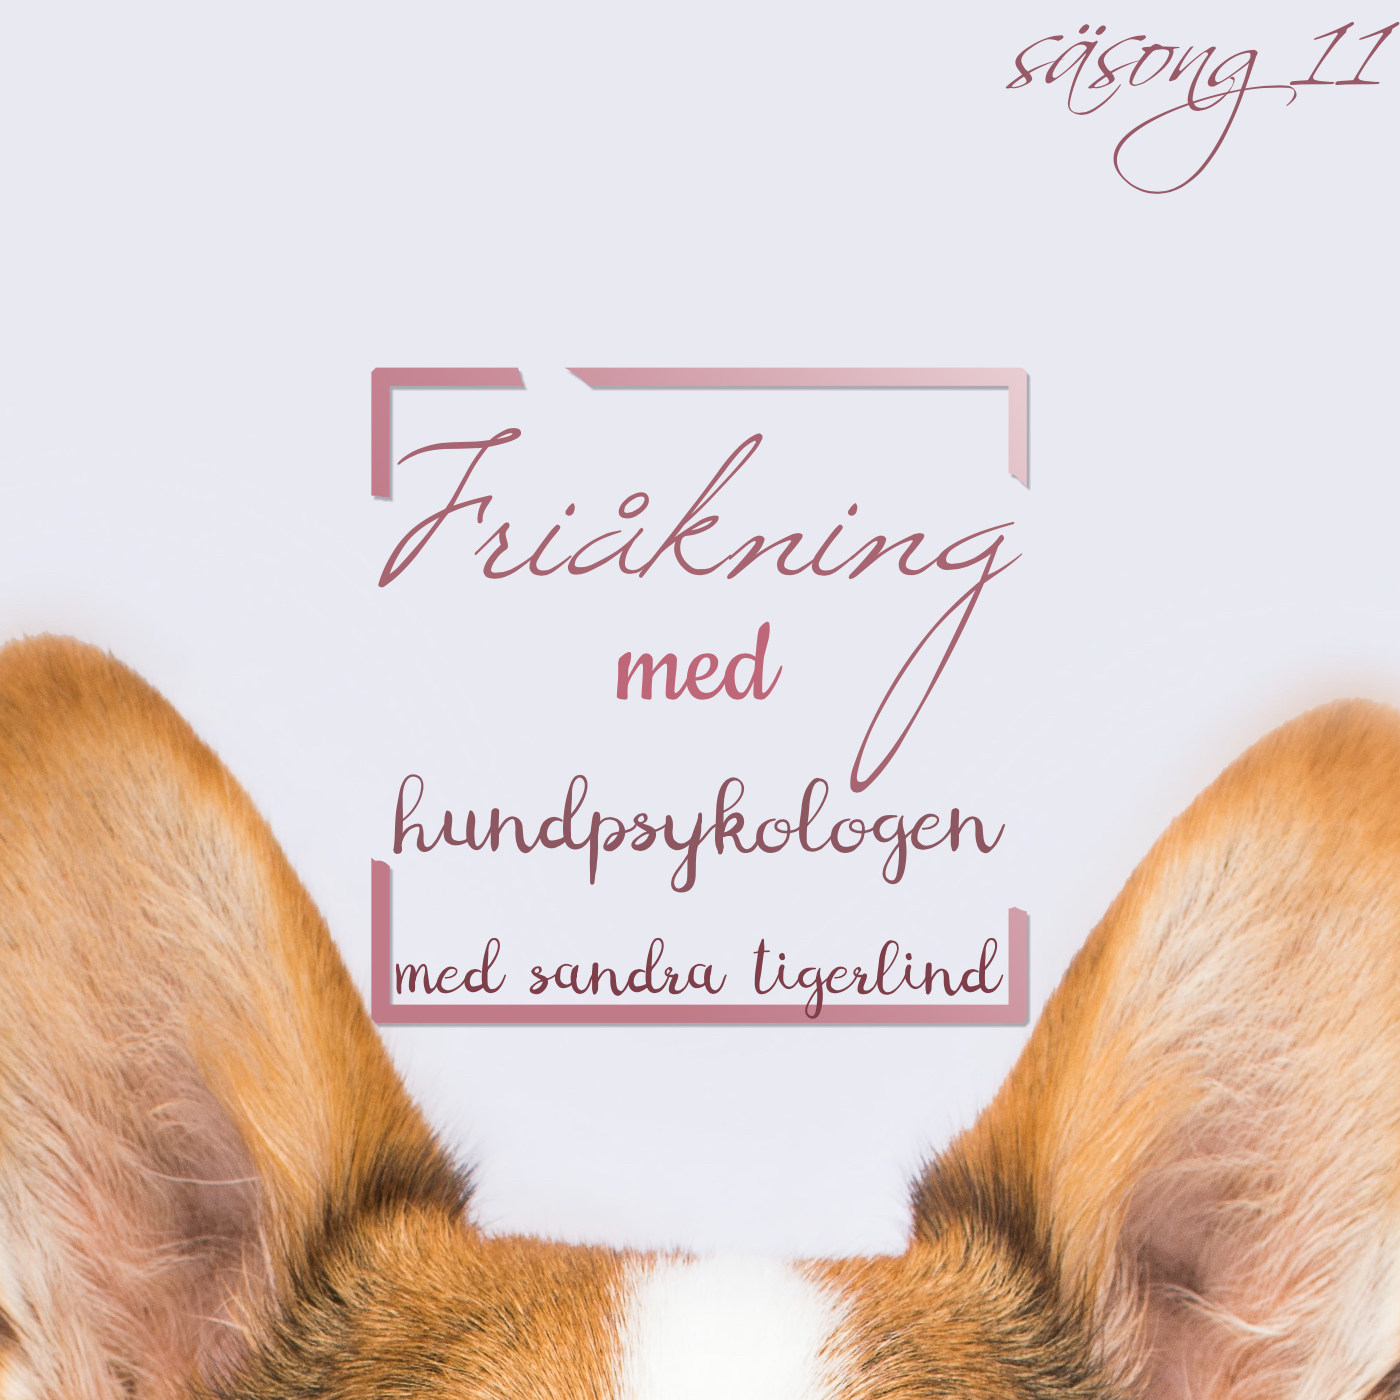 Friåkning med hundpsykologen